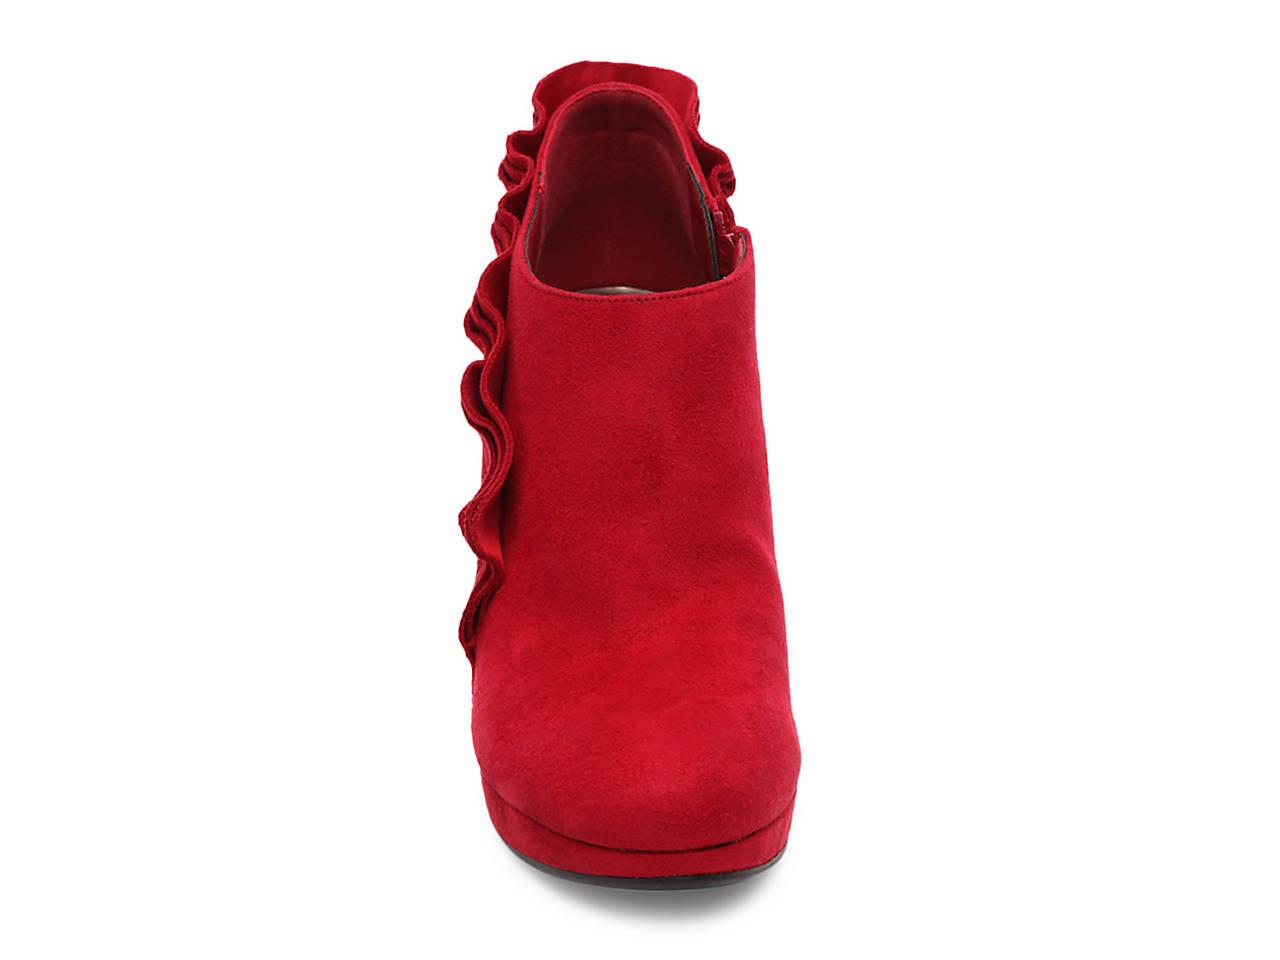 d202e29588e19 Home · Women's Shoes · Boots; Priscilla Platform Bootie. previous